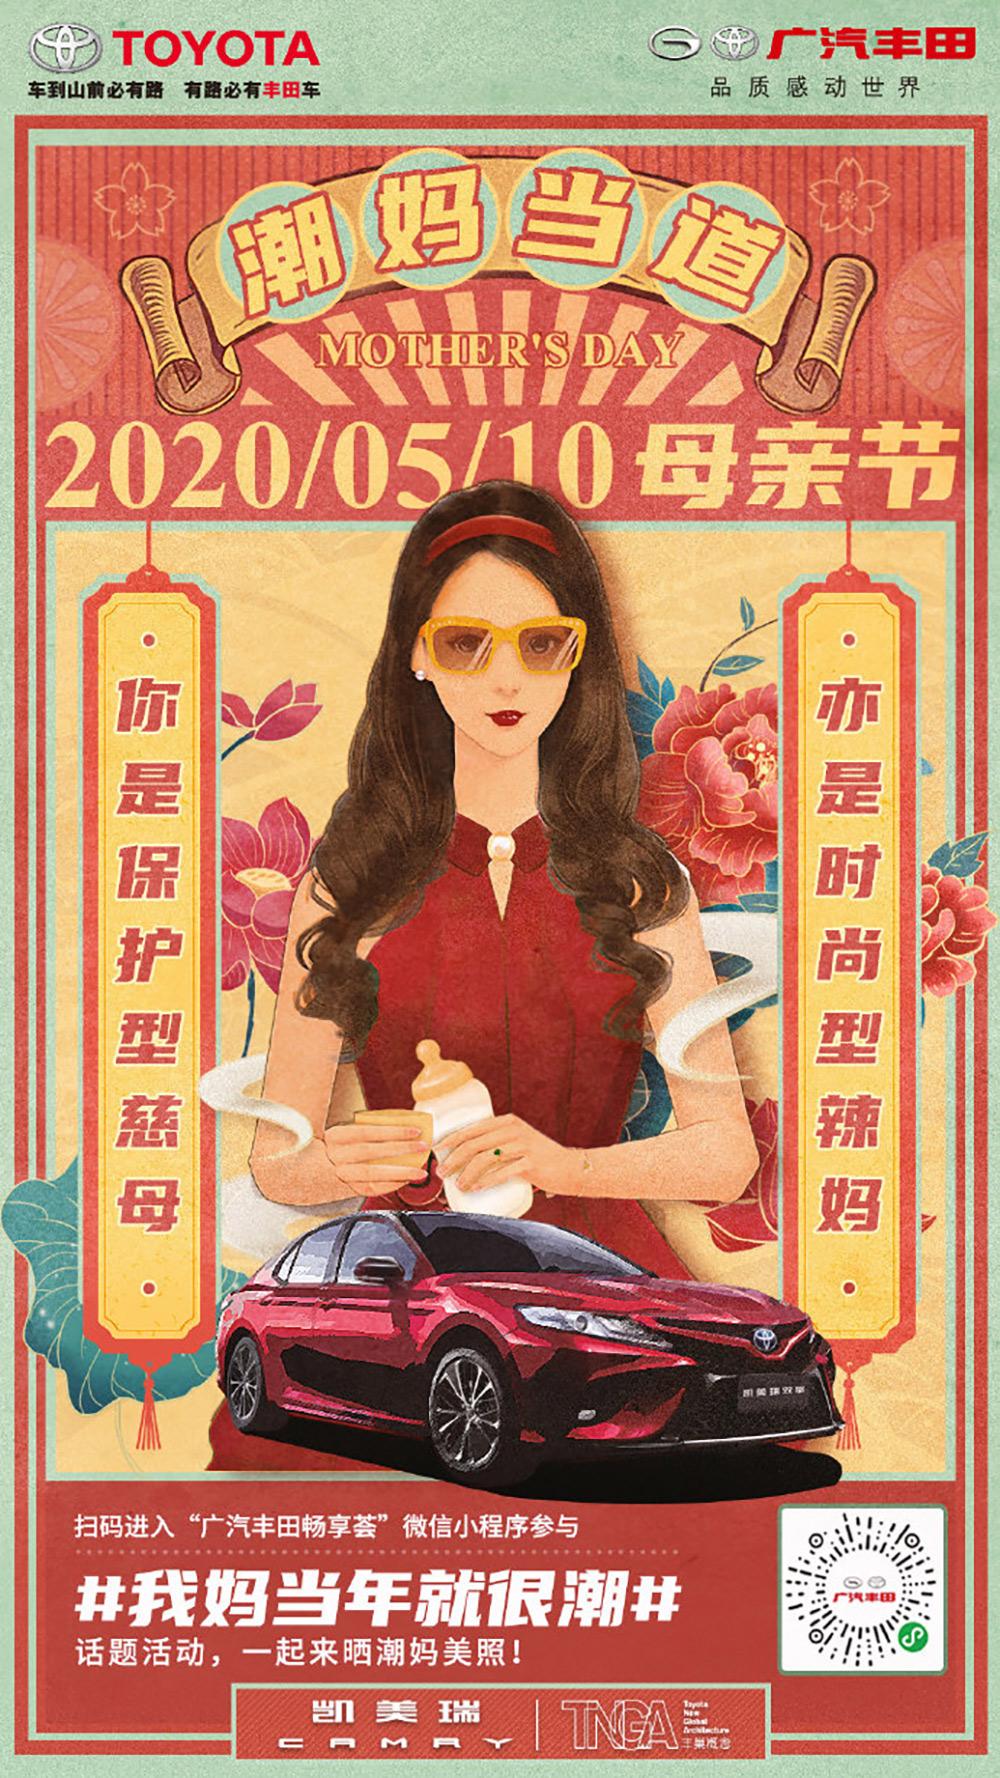 23张各大品牌的母亲节借势海报